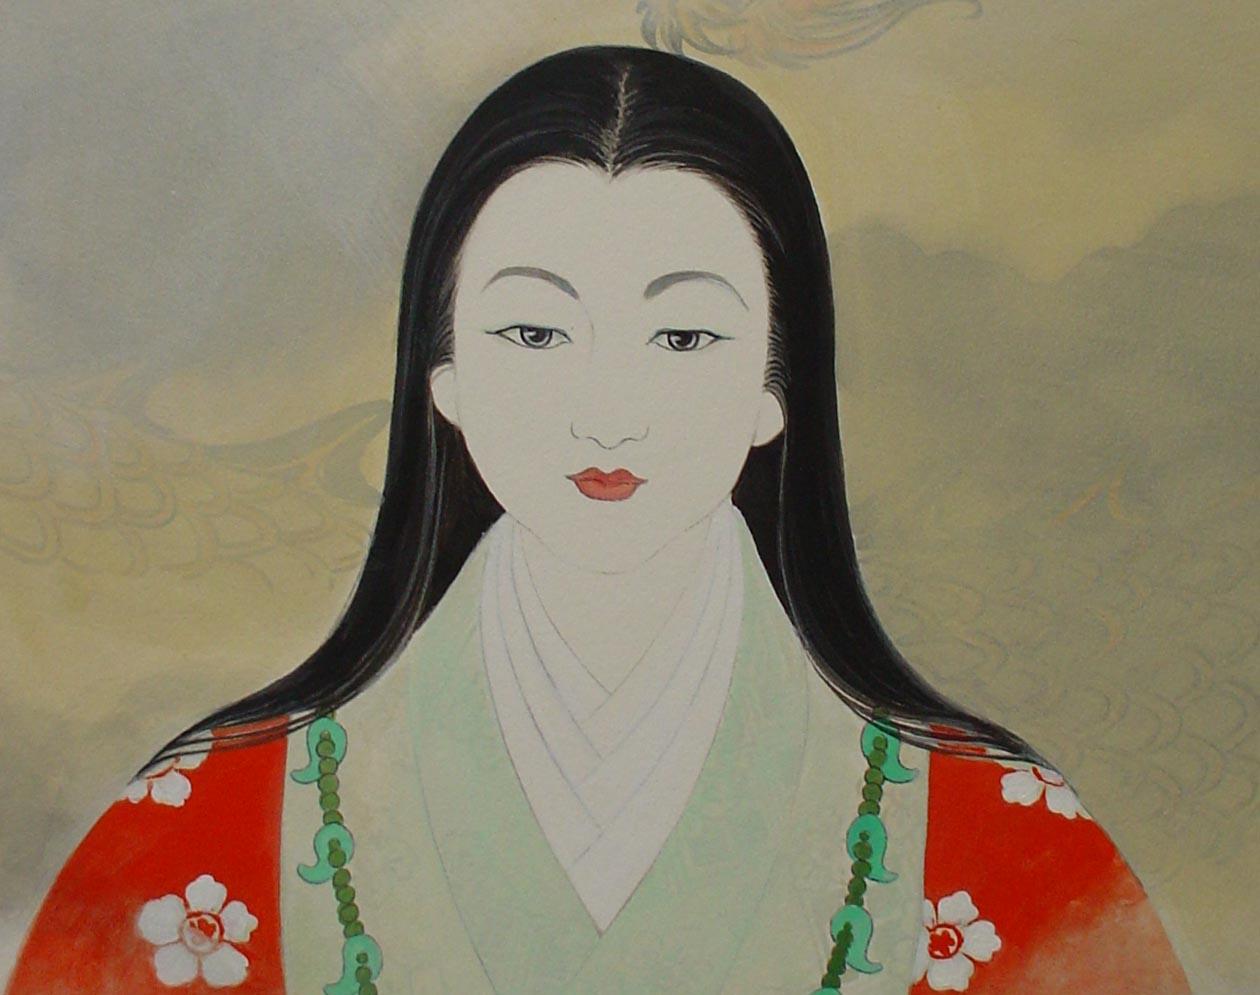 yamato.jpg (1260×995)